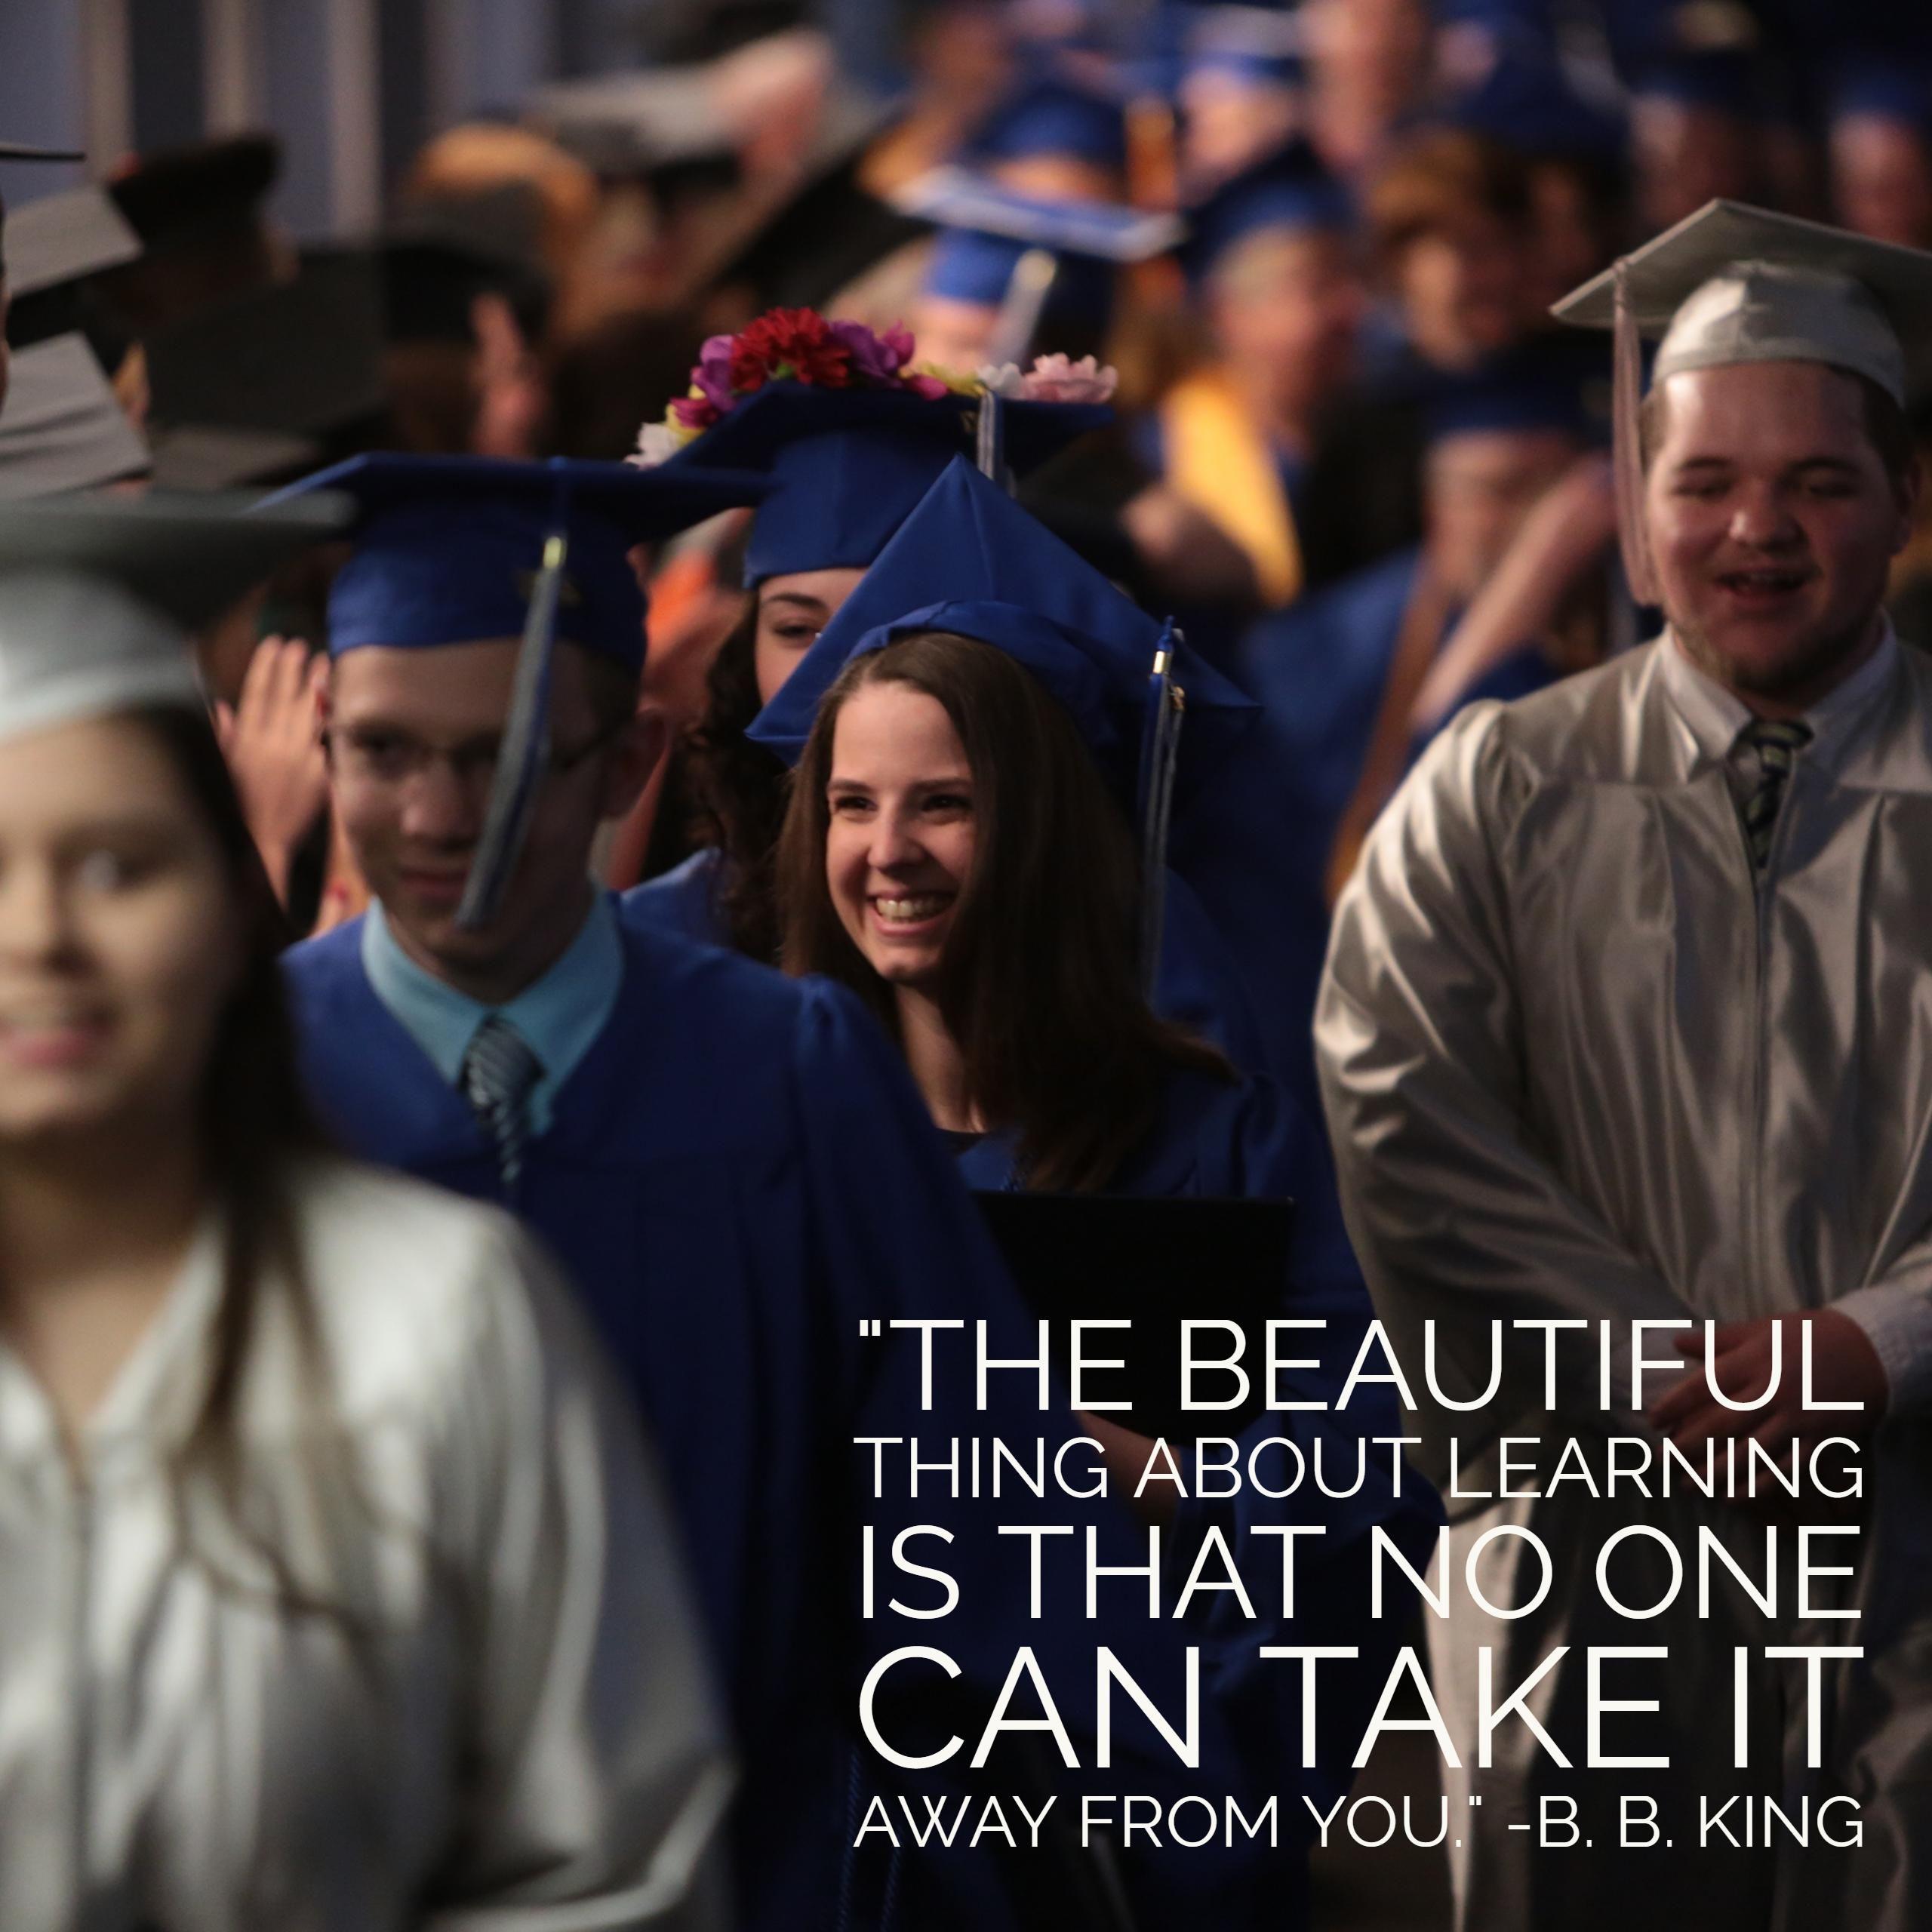 Congratulations to our graduates! #mondaymotivation #commencement #graduation